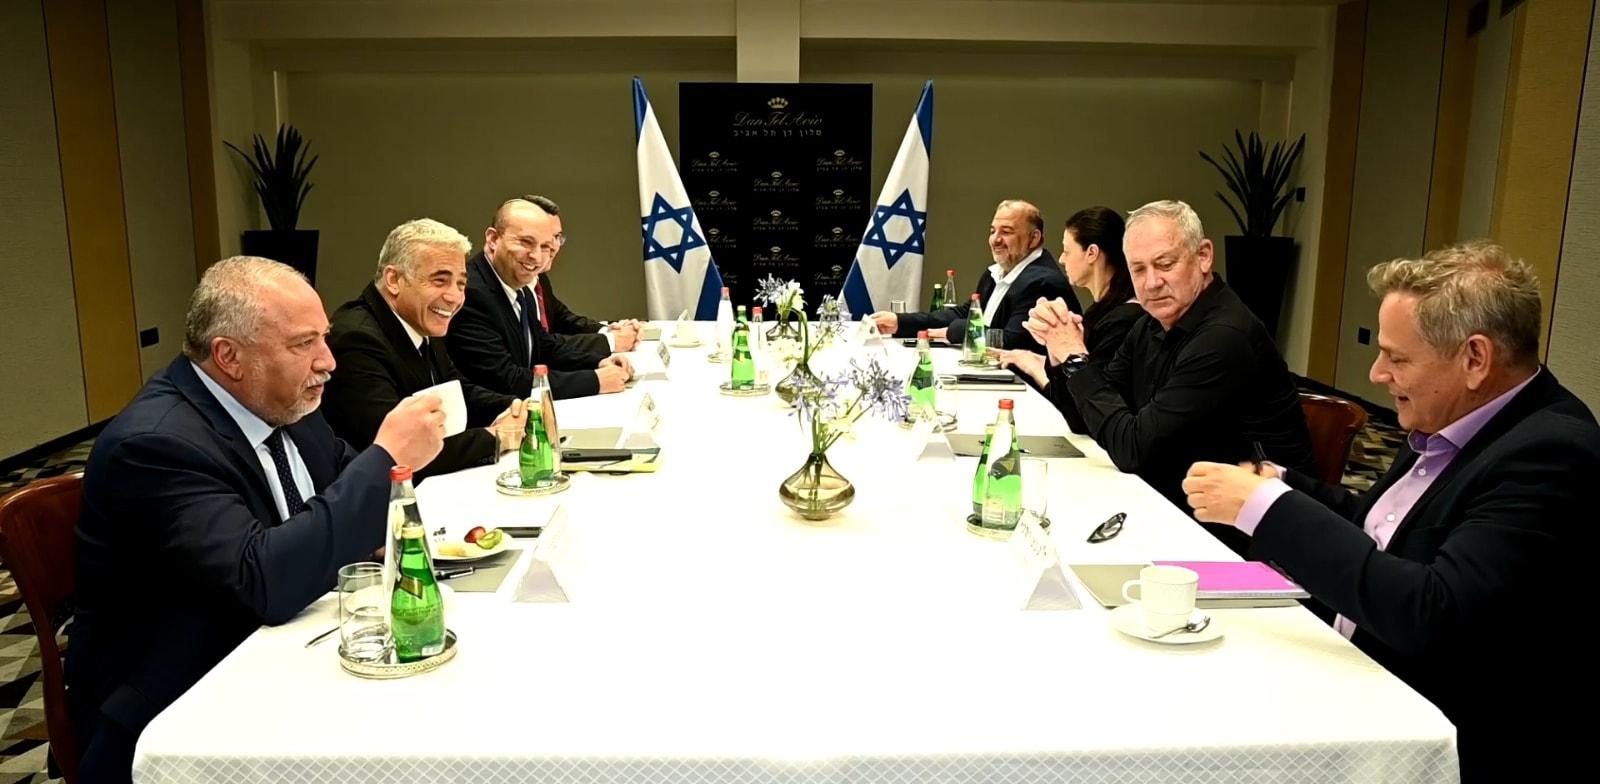 ראשי גוש השינוי בפגישה במלון דן בתל אביב בתחילת יוני / צילום: רענן כהן